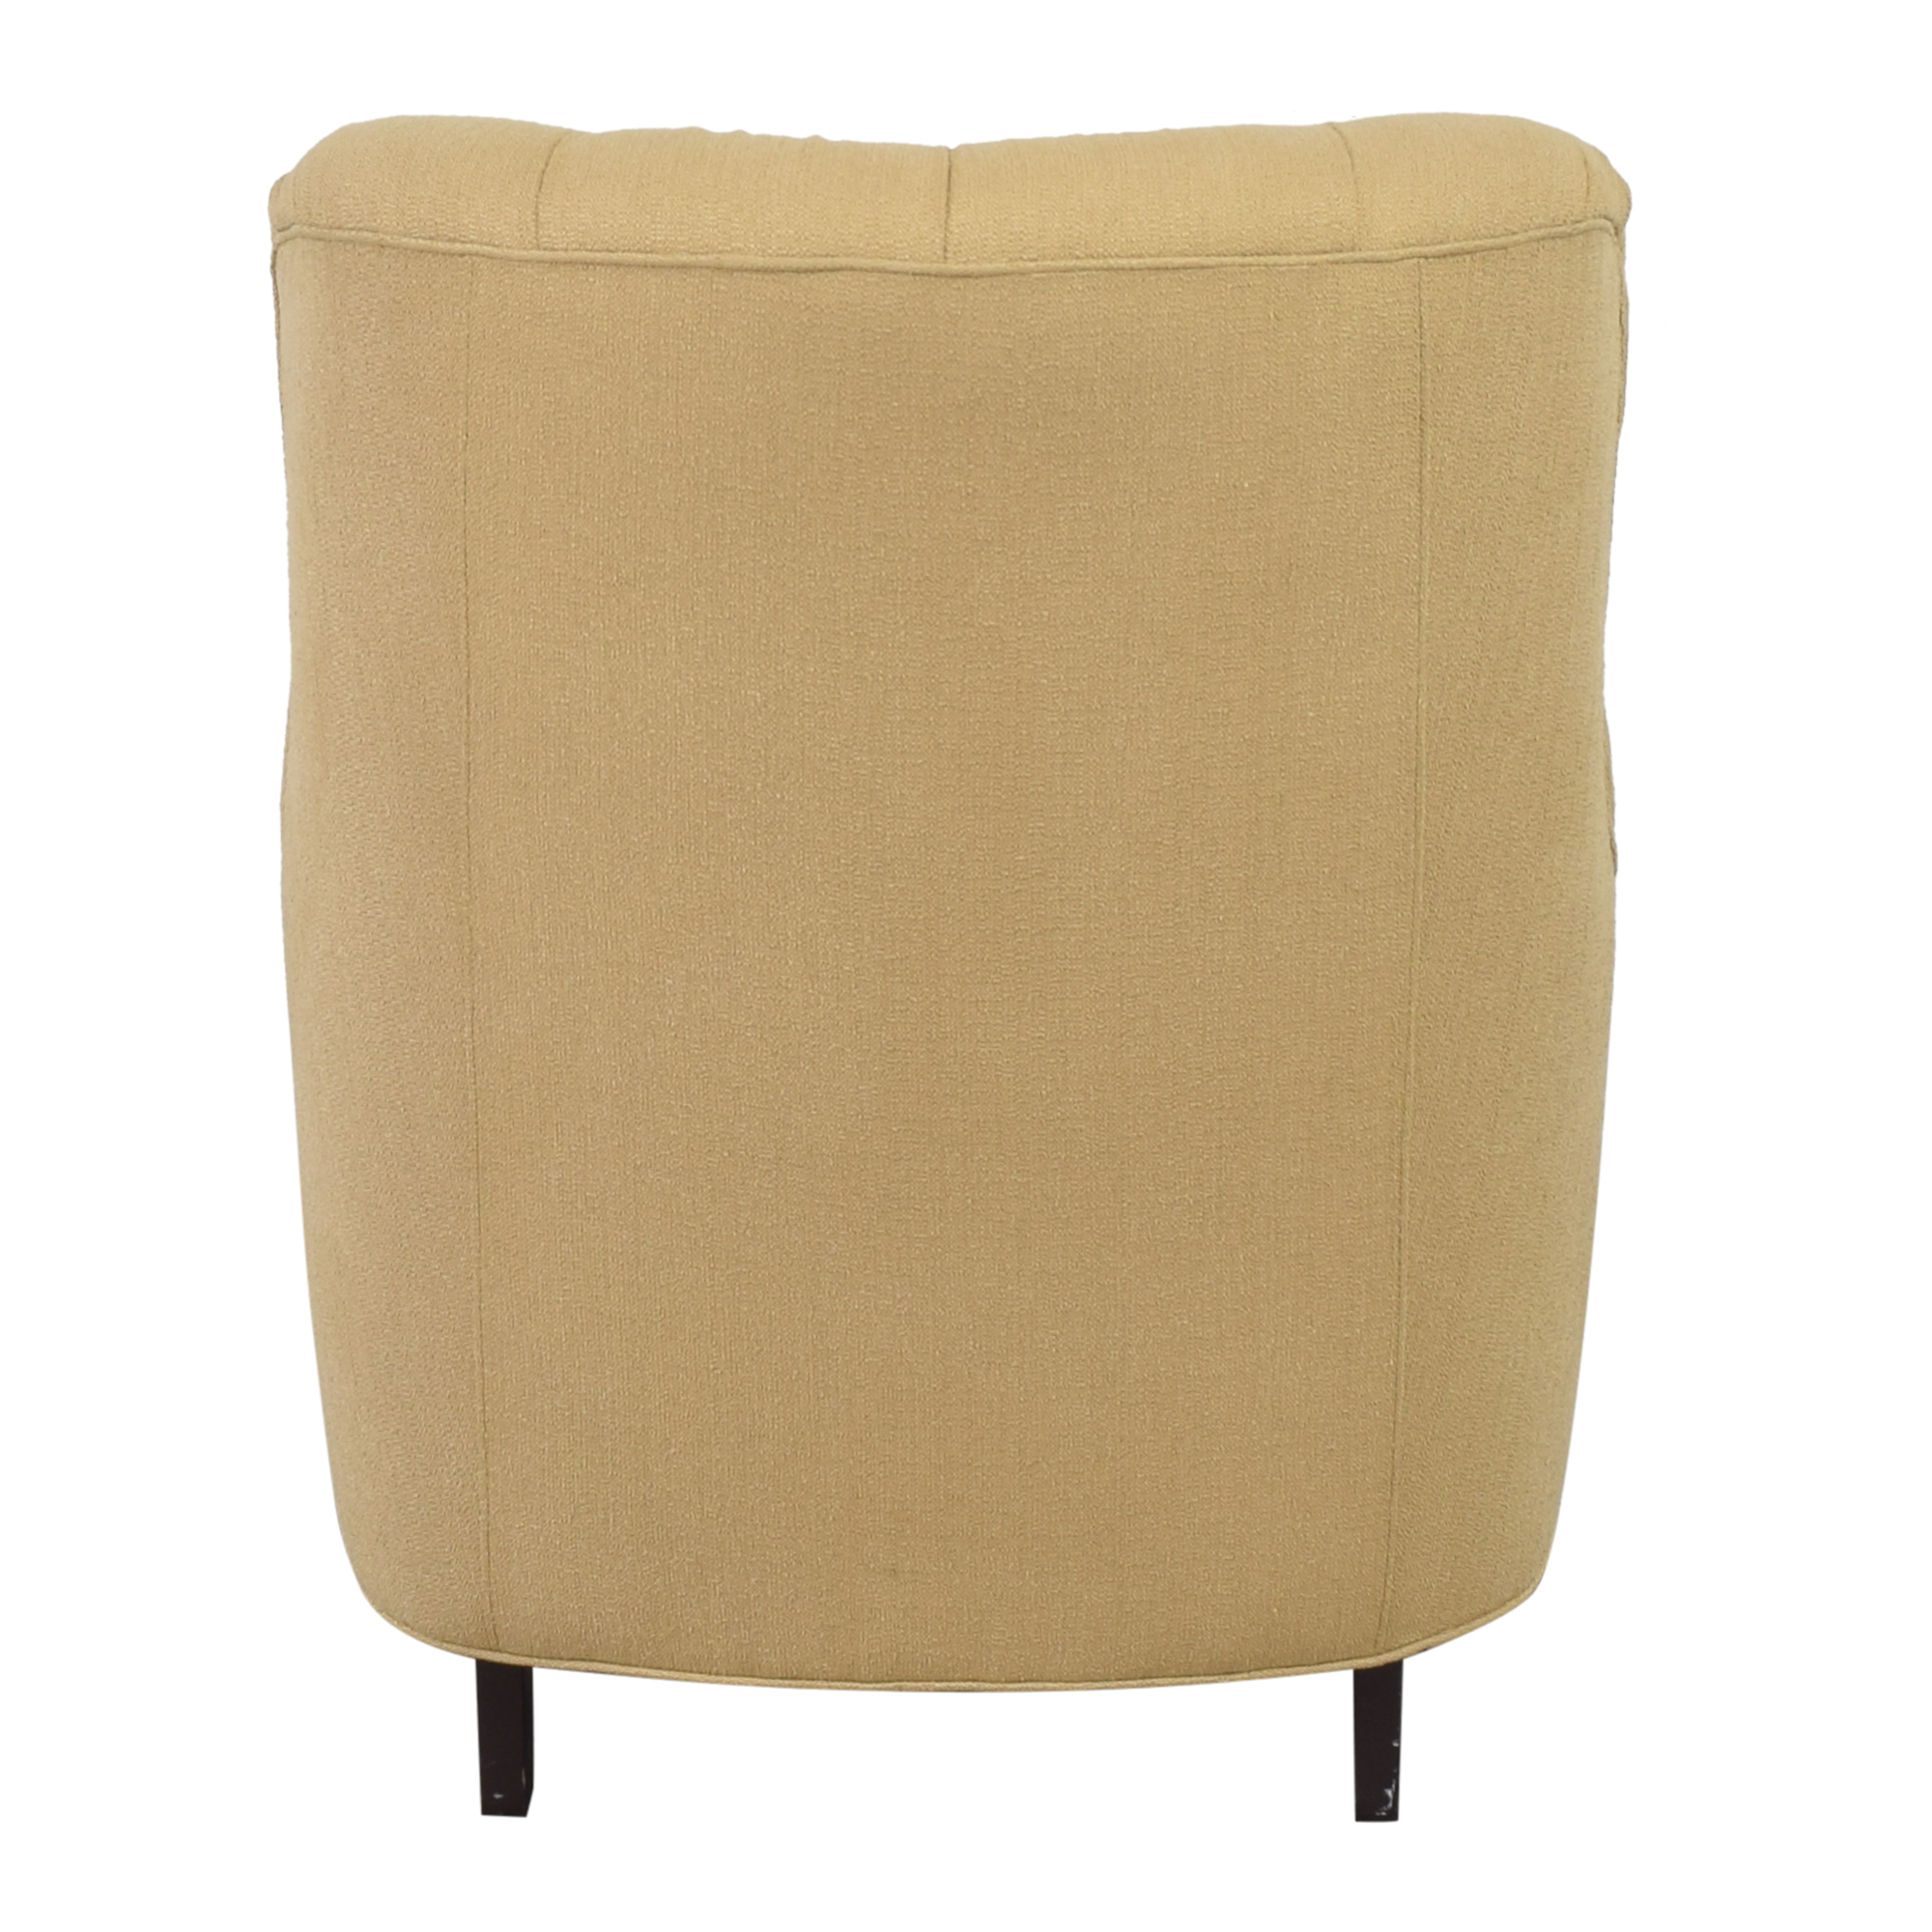 Arhaus Arhaus Club Accent Chair second hand